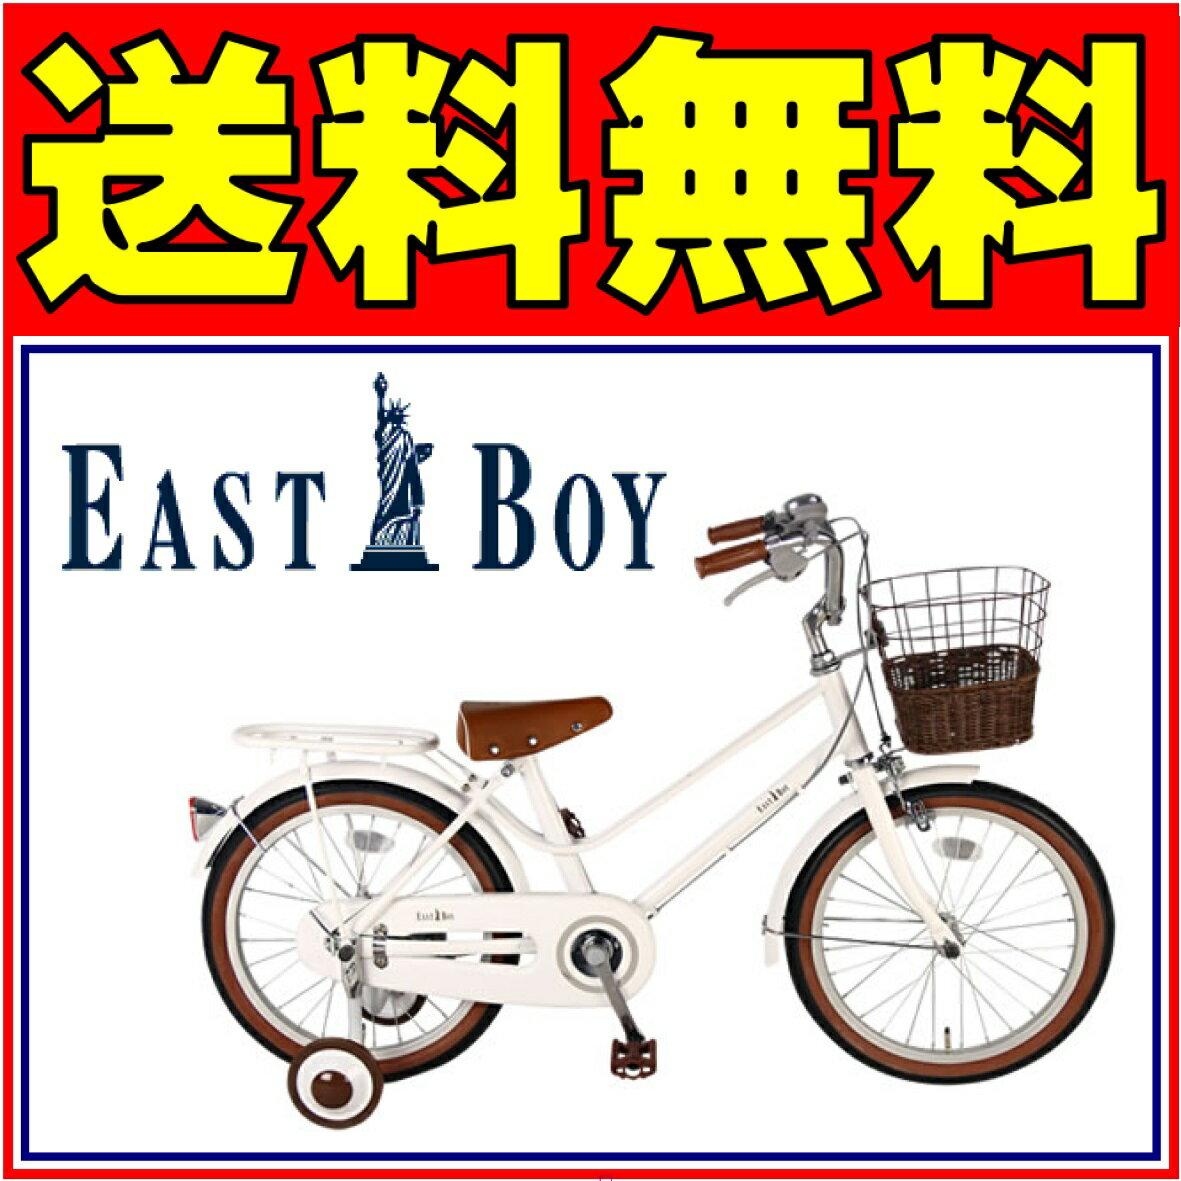 <関東限定特別価格>自転車 イーストボーイ 送料無料  16インチ 白<大人かわいい>キッズ  ホワイト シティサイクル 自転車 イーストボーイ EASTBOY クリスマス